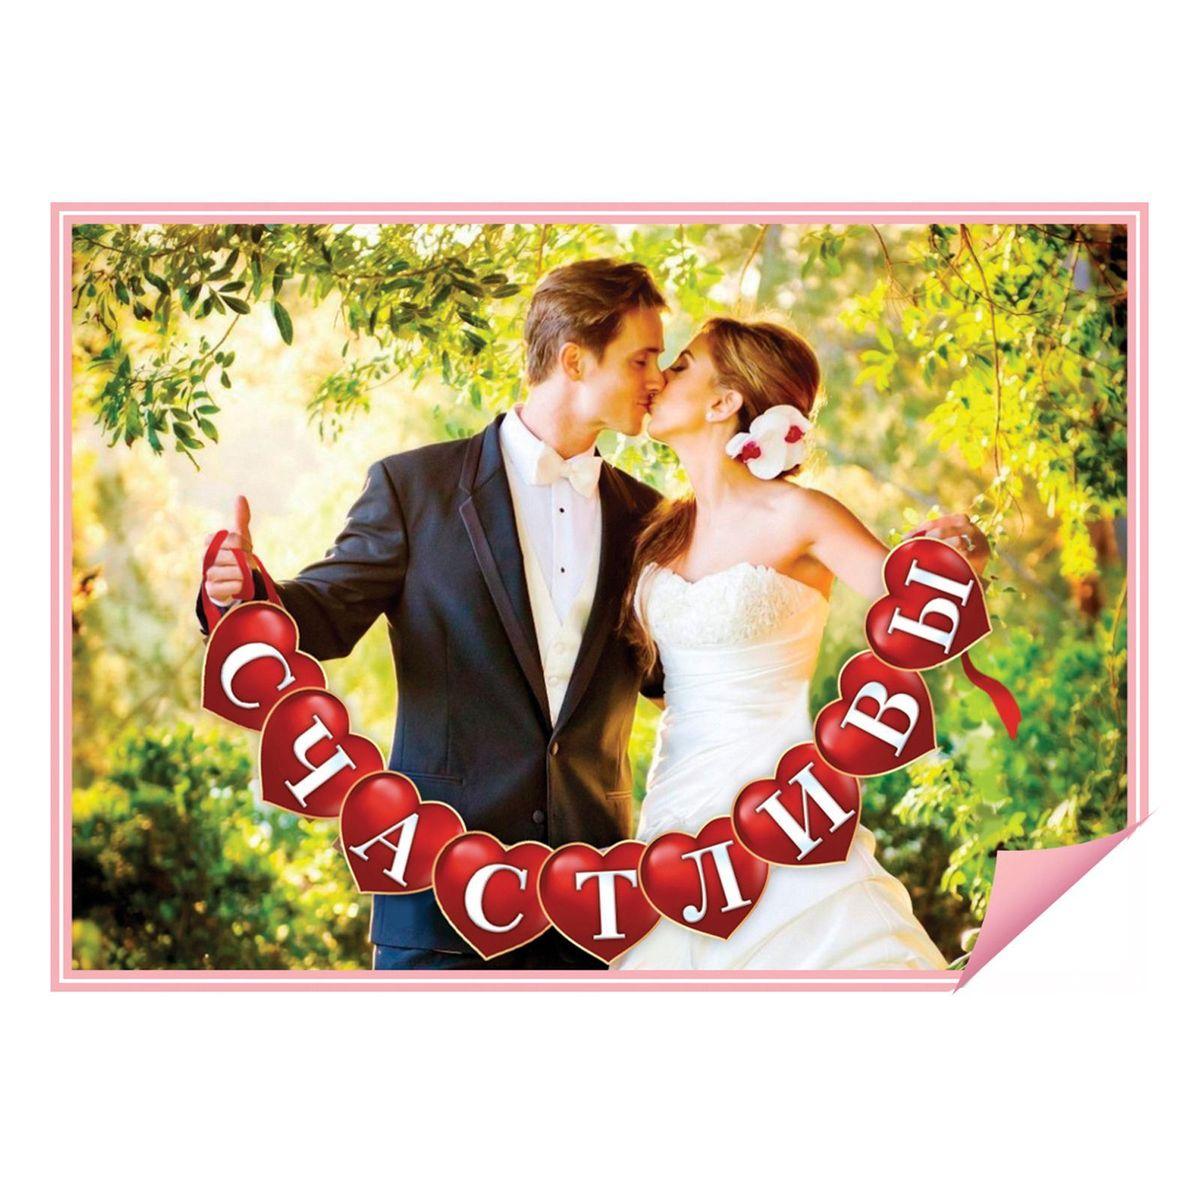 Фотобутафория на ленте Sima-land Счастливы, 11,3 x 150 x 0,1 смC0042415Фотобутафория на ленте Счастливы — прекрасный выбор для тех, кто хочет создать атмосферу праздника и сделать запоминающиеся свадебные снимки. На лицевой стороне напечатана красочная надпись. Украшение легко крепится на стену или дверной проём с помощью клейкой ленты или кнопок. Его также можно держать в руках.Уникальный дизайн создаст незабываемую атмосферу праздника и подарит море позитивных эмоций!